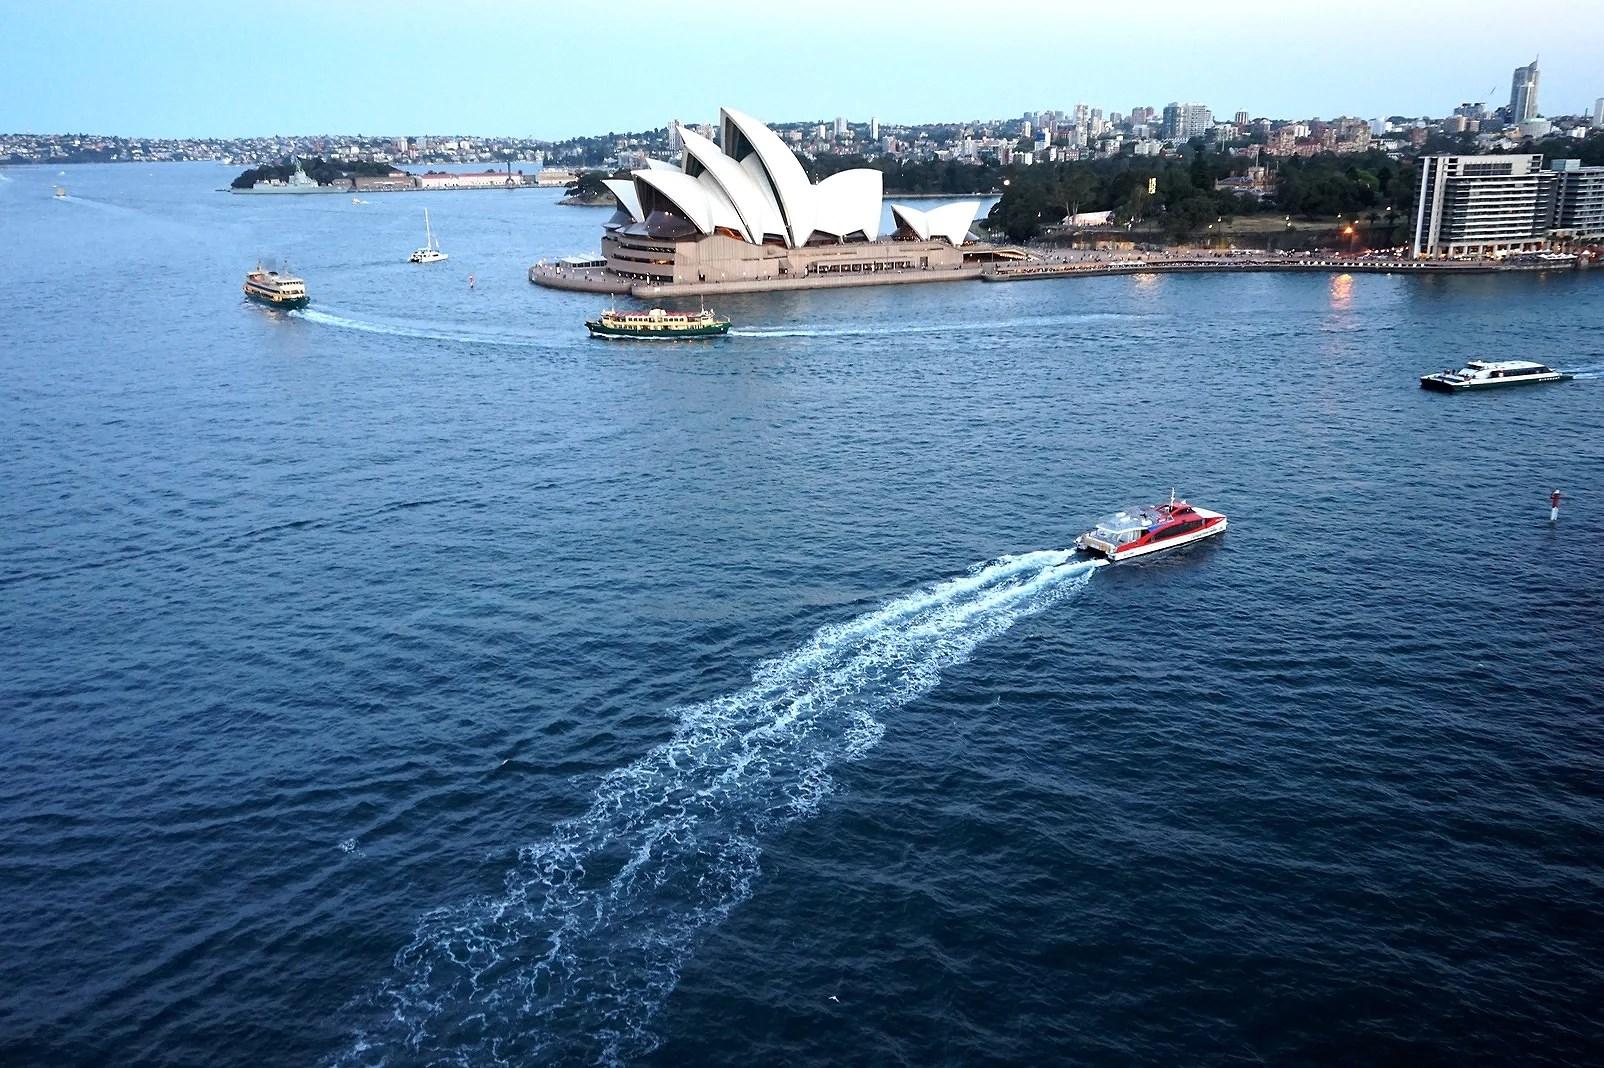 VIDEO - AUSTRALIA 2017